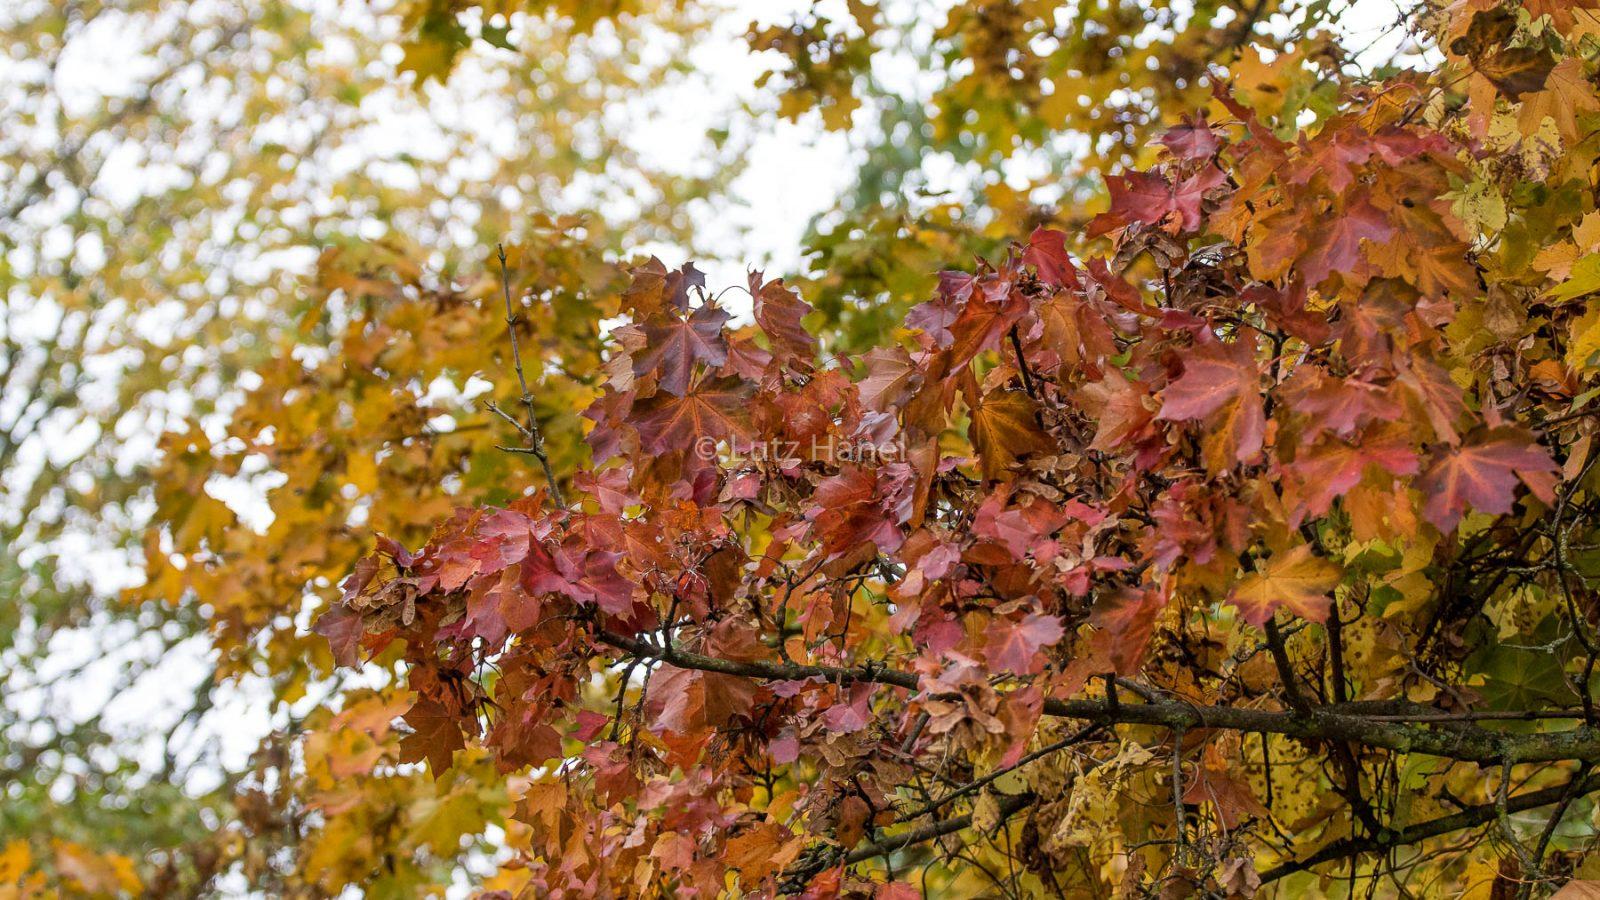 Herbstfarben verwandeln jedes Jahr im Herbst den Mauerwsg in einen Fazbenmeer.